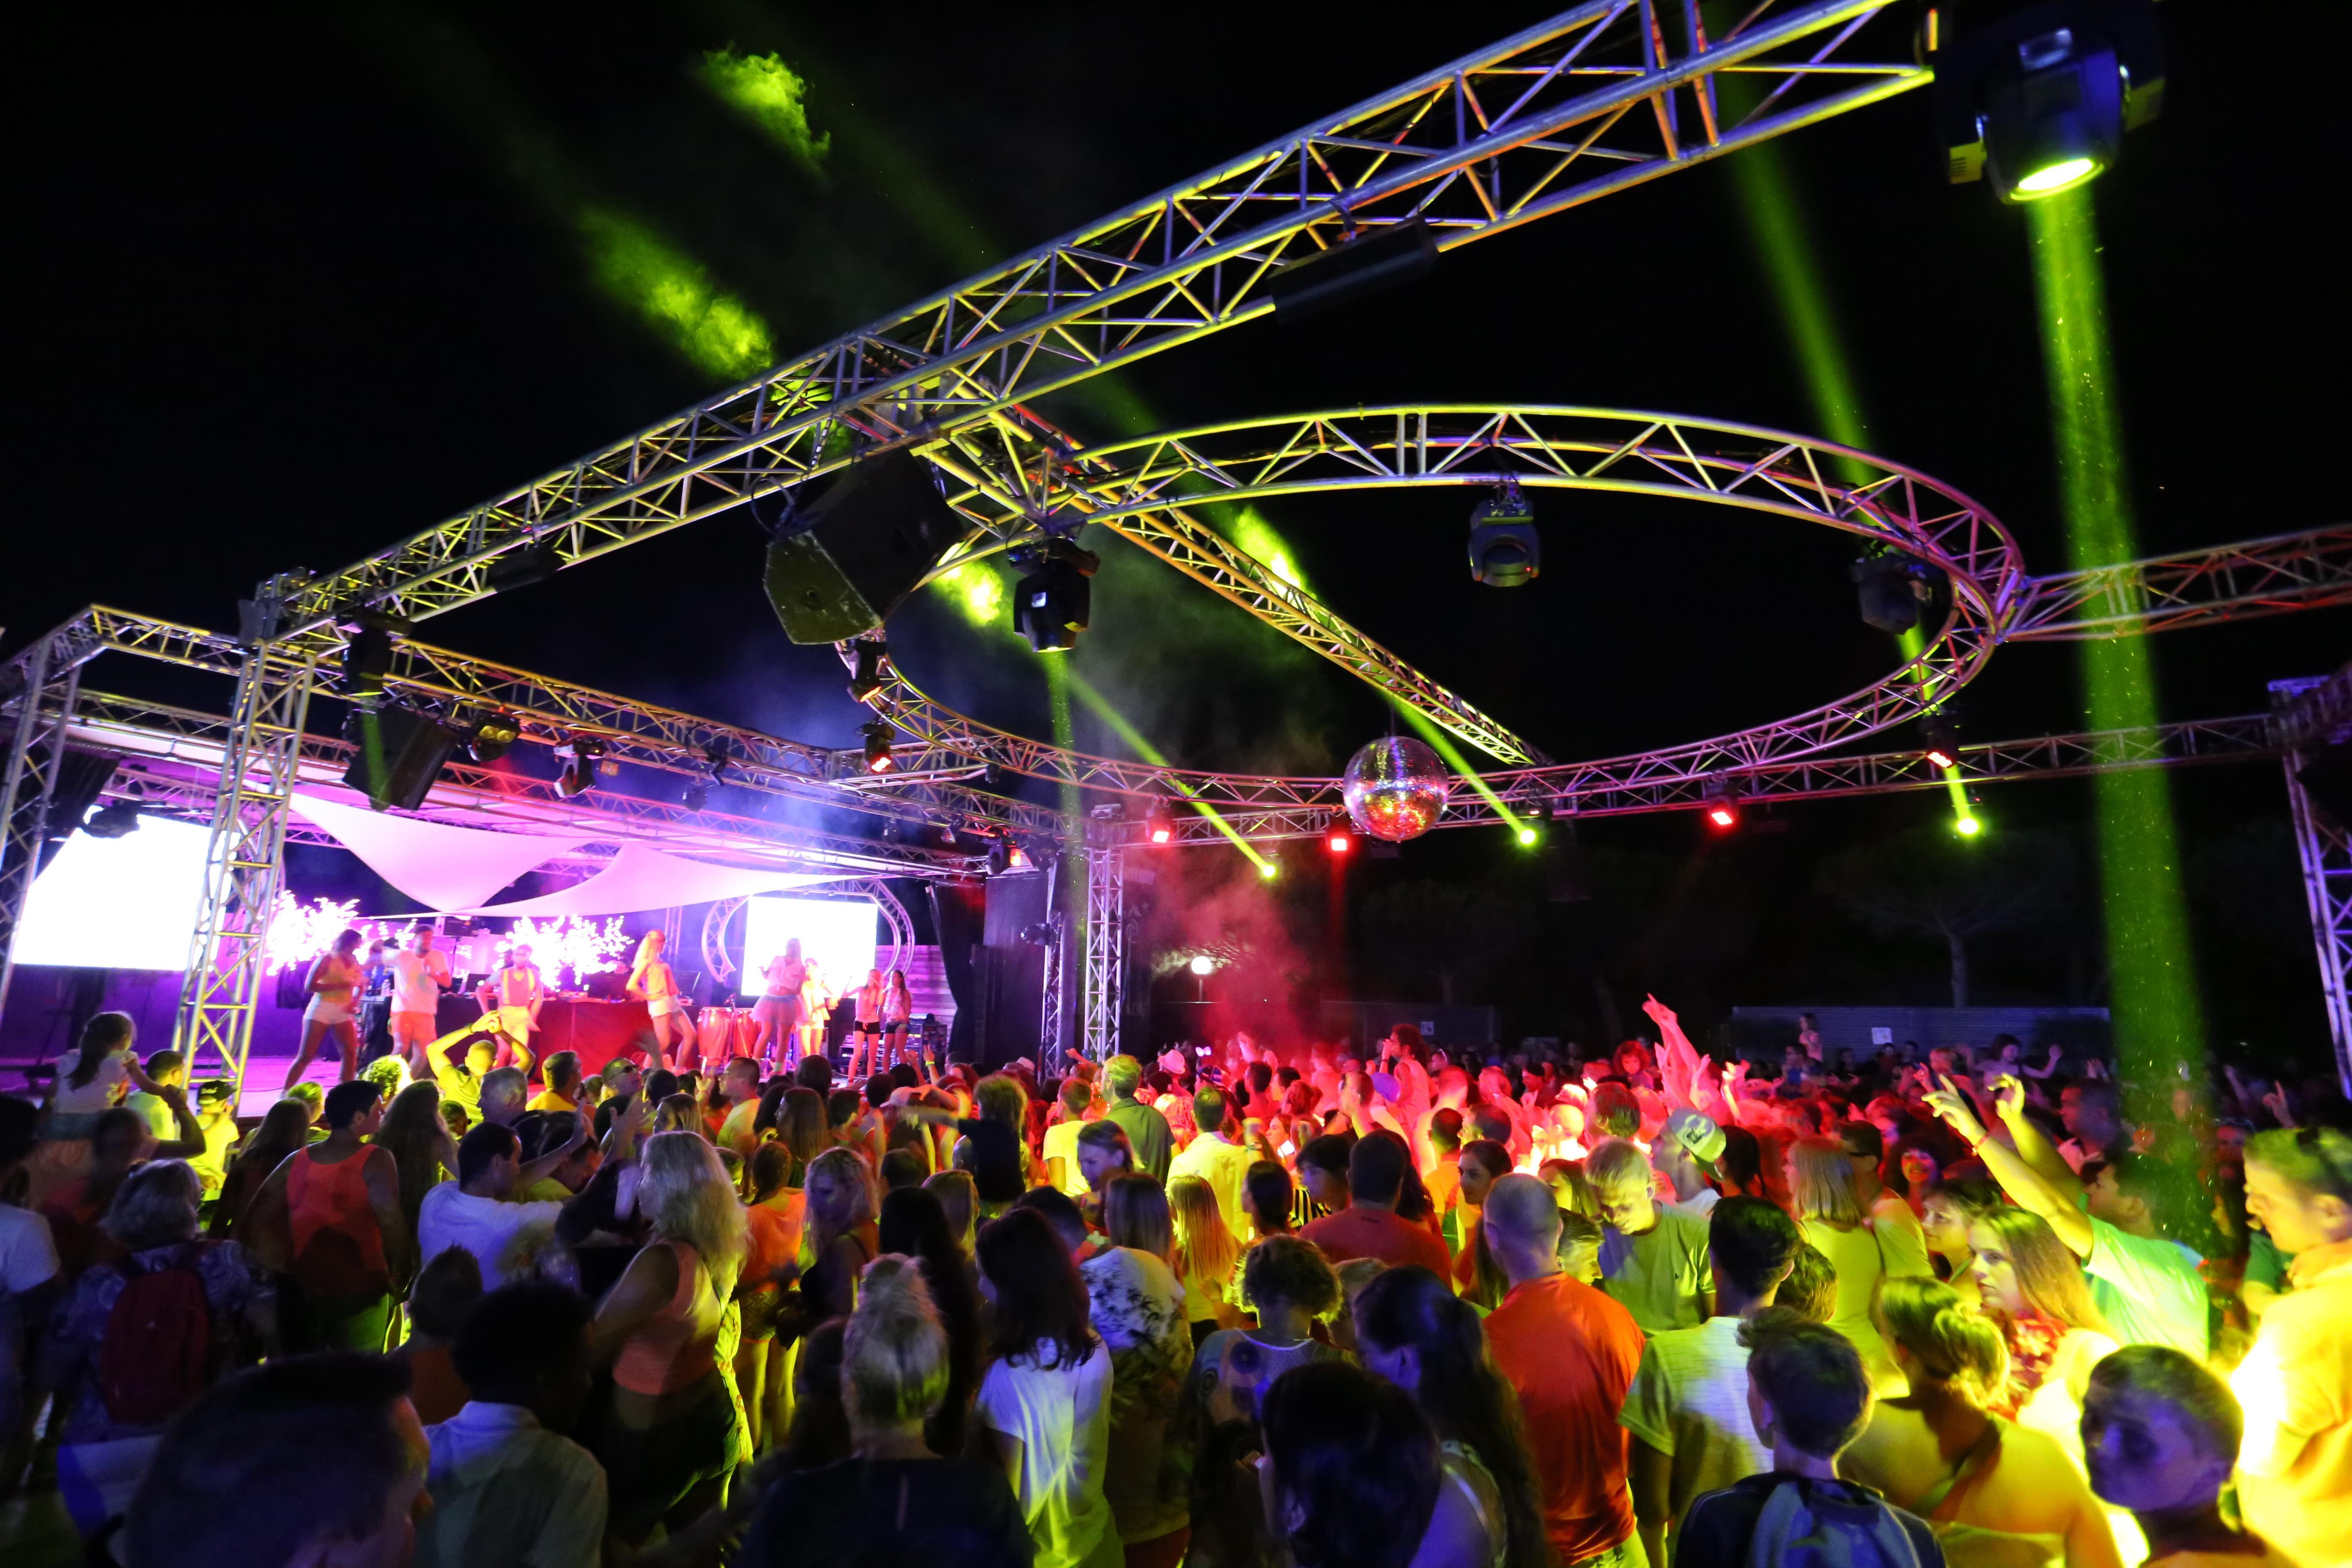 Evento nocturno Discotecas Bailes